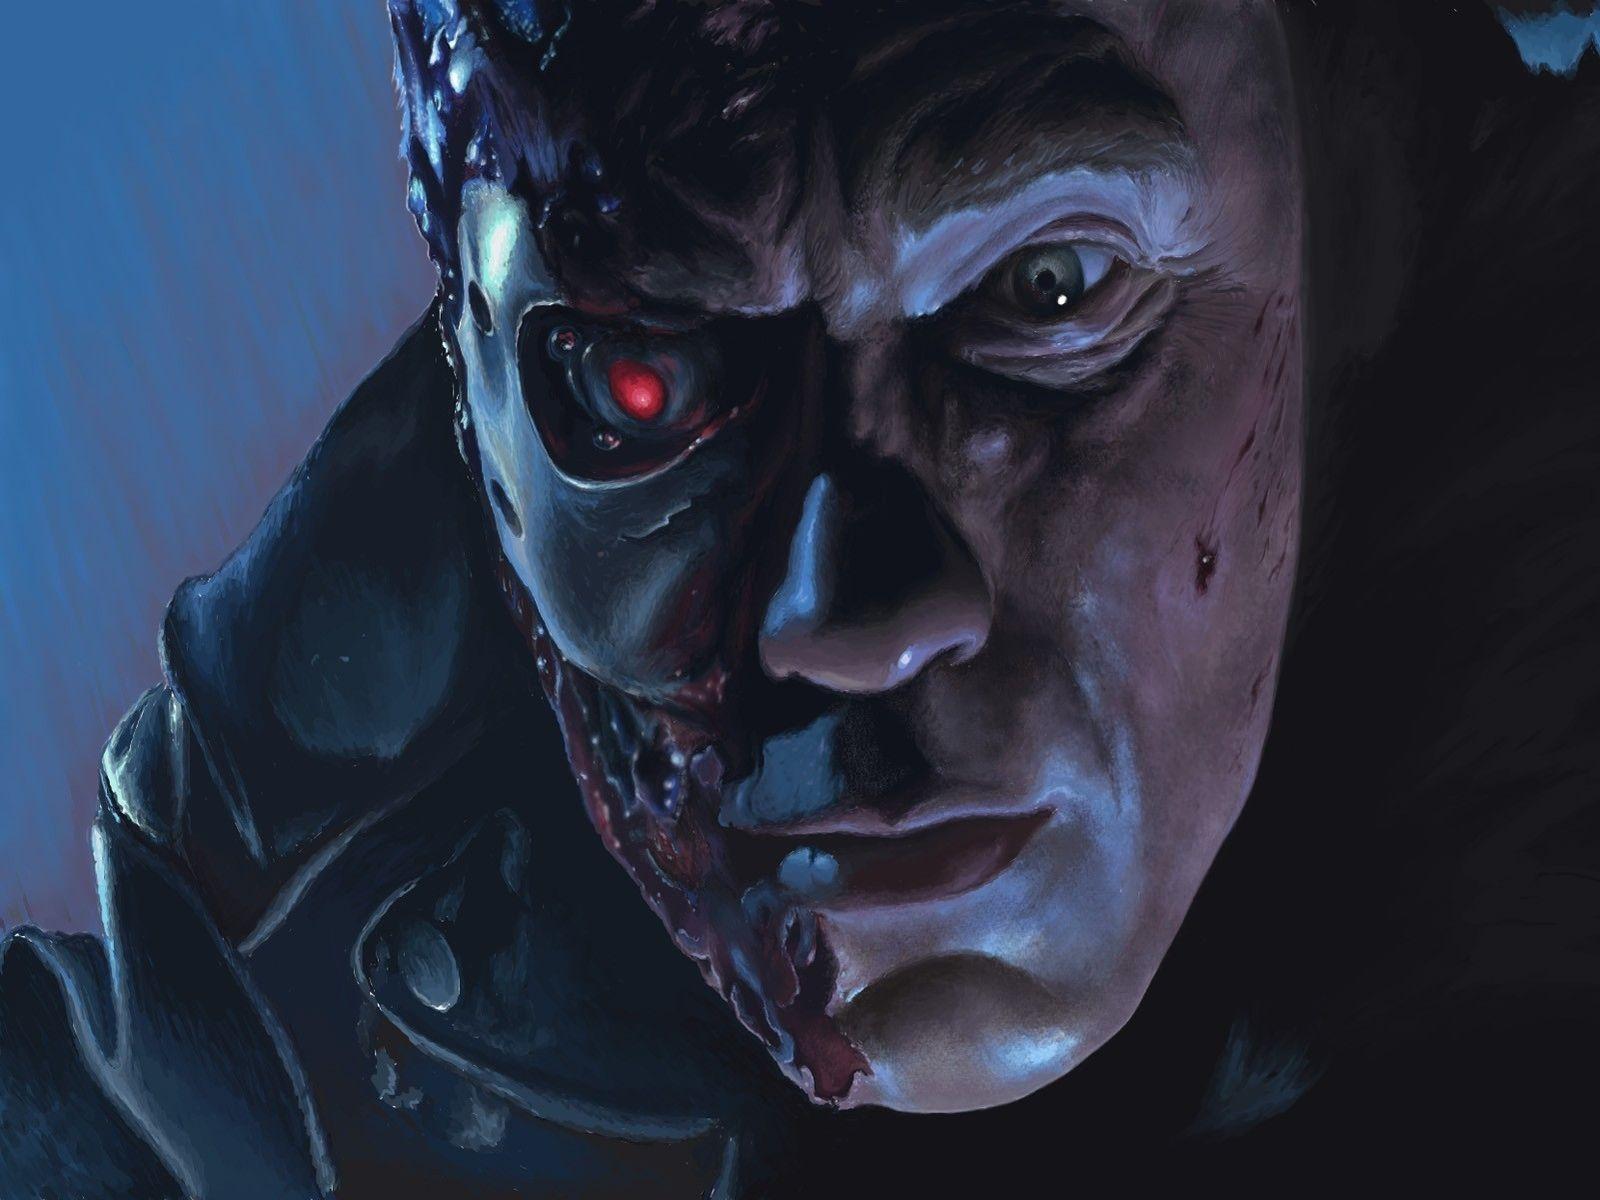 Fondos De Pantalla The Terminator Terminator 1 Película